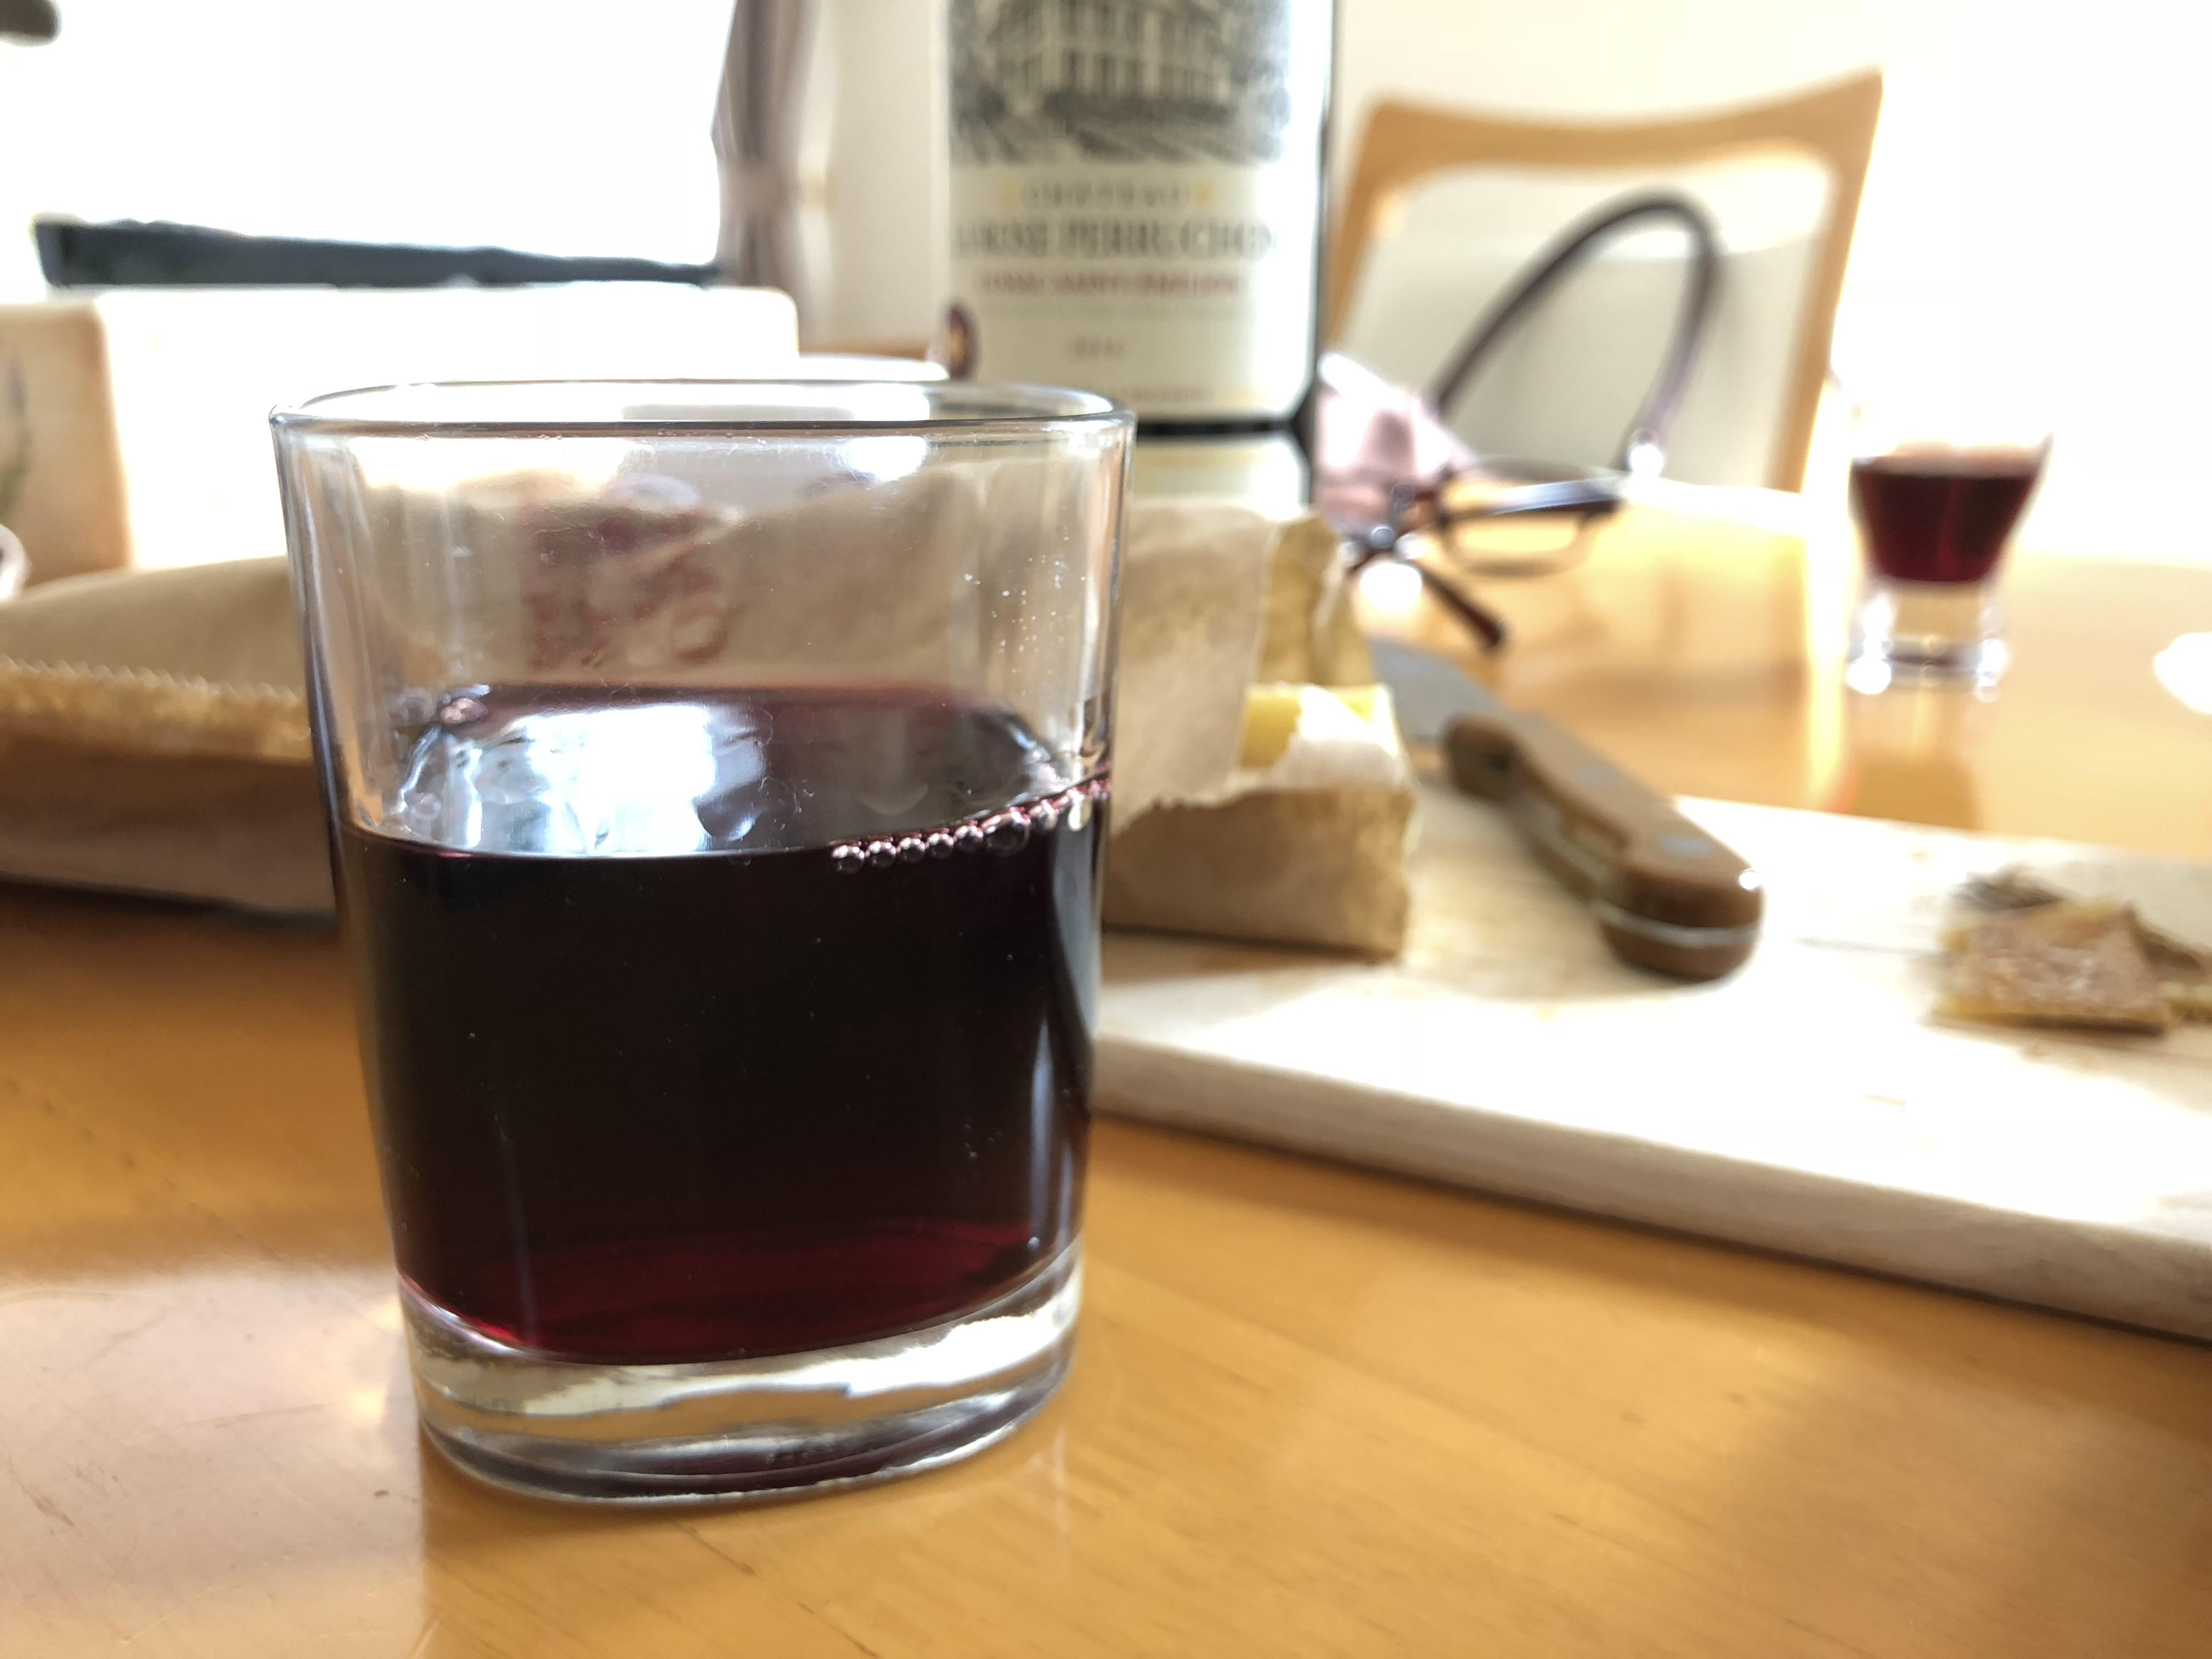 ボルドーワインと本場フランスのチーズを味わった穏やかな日曜日